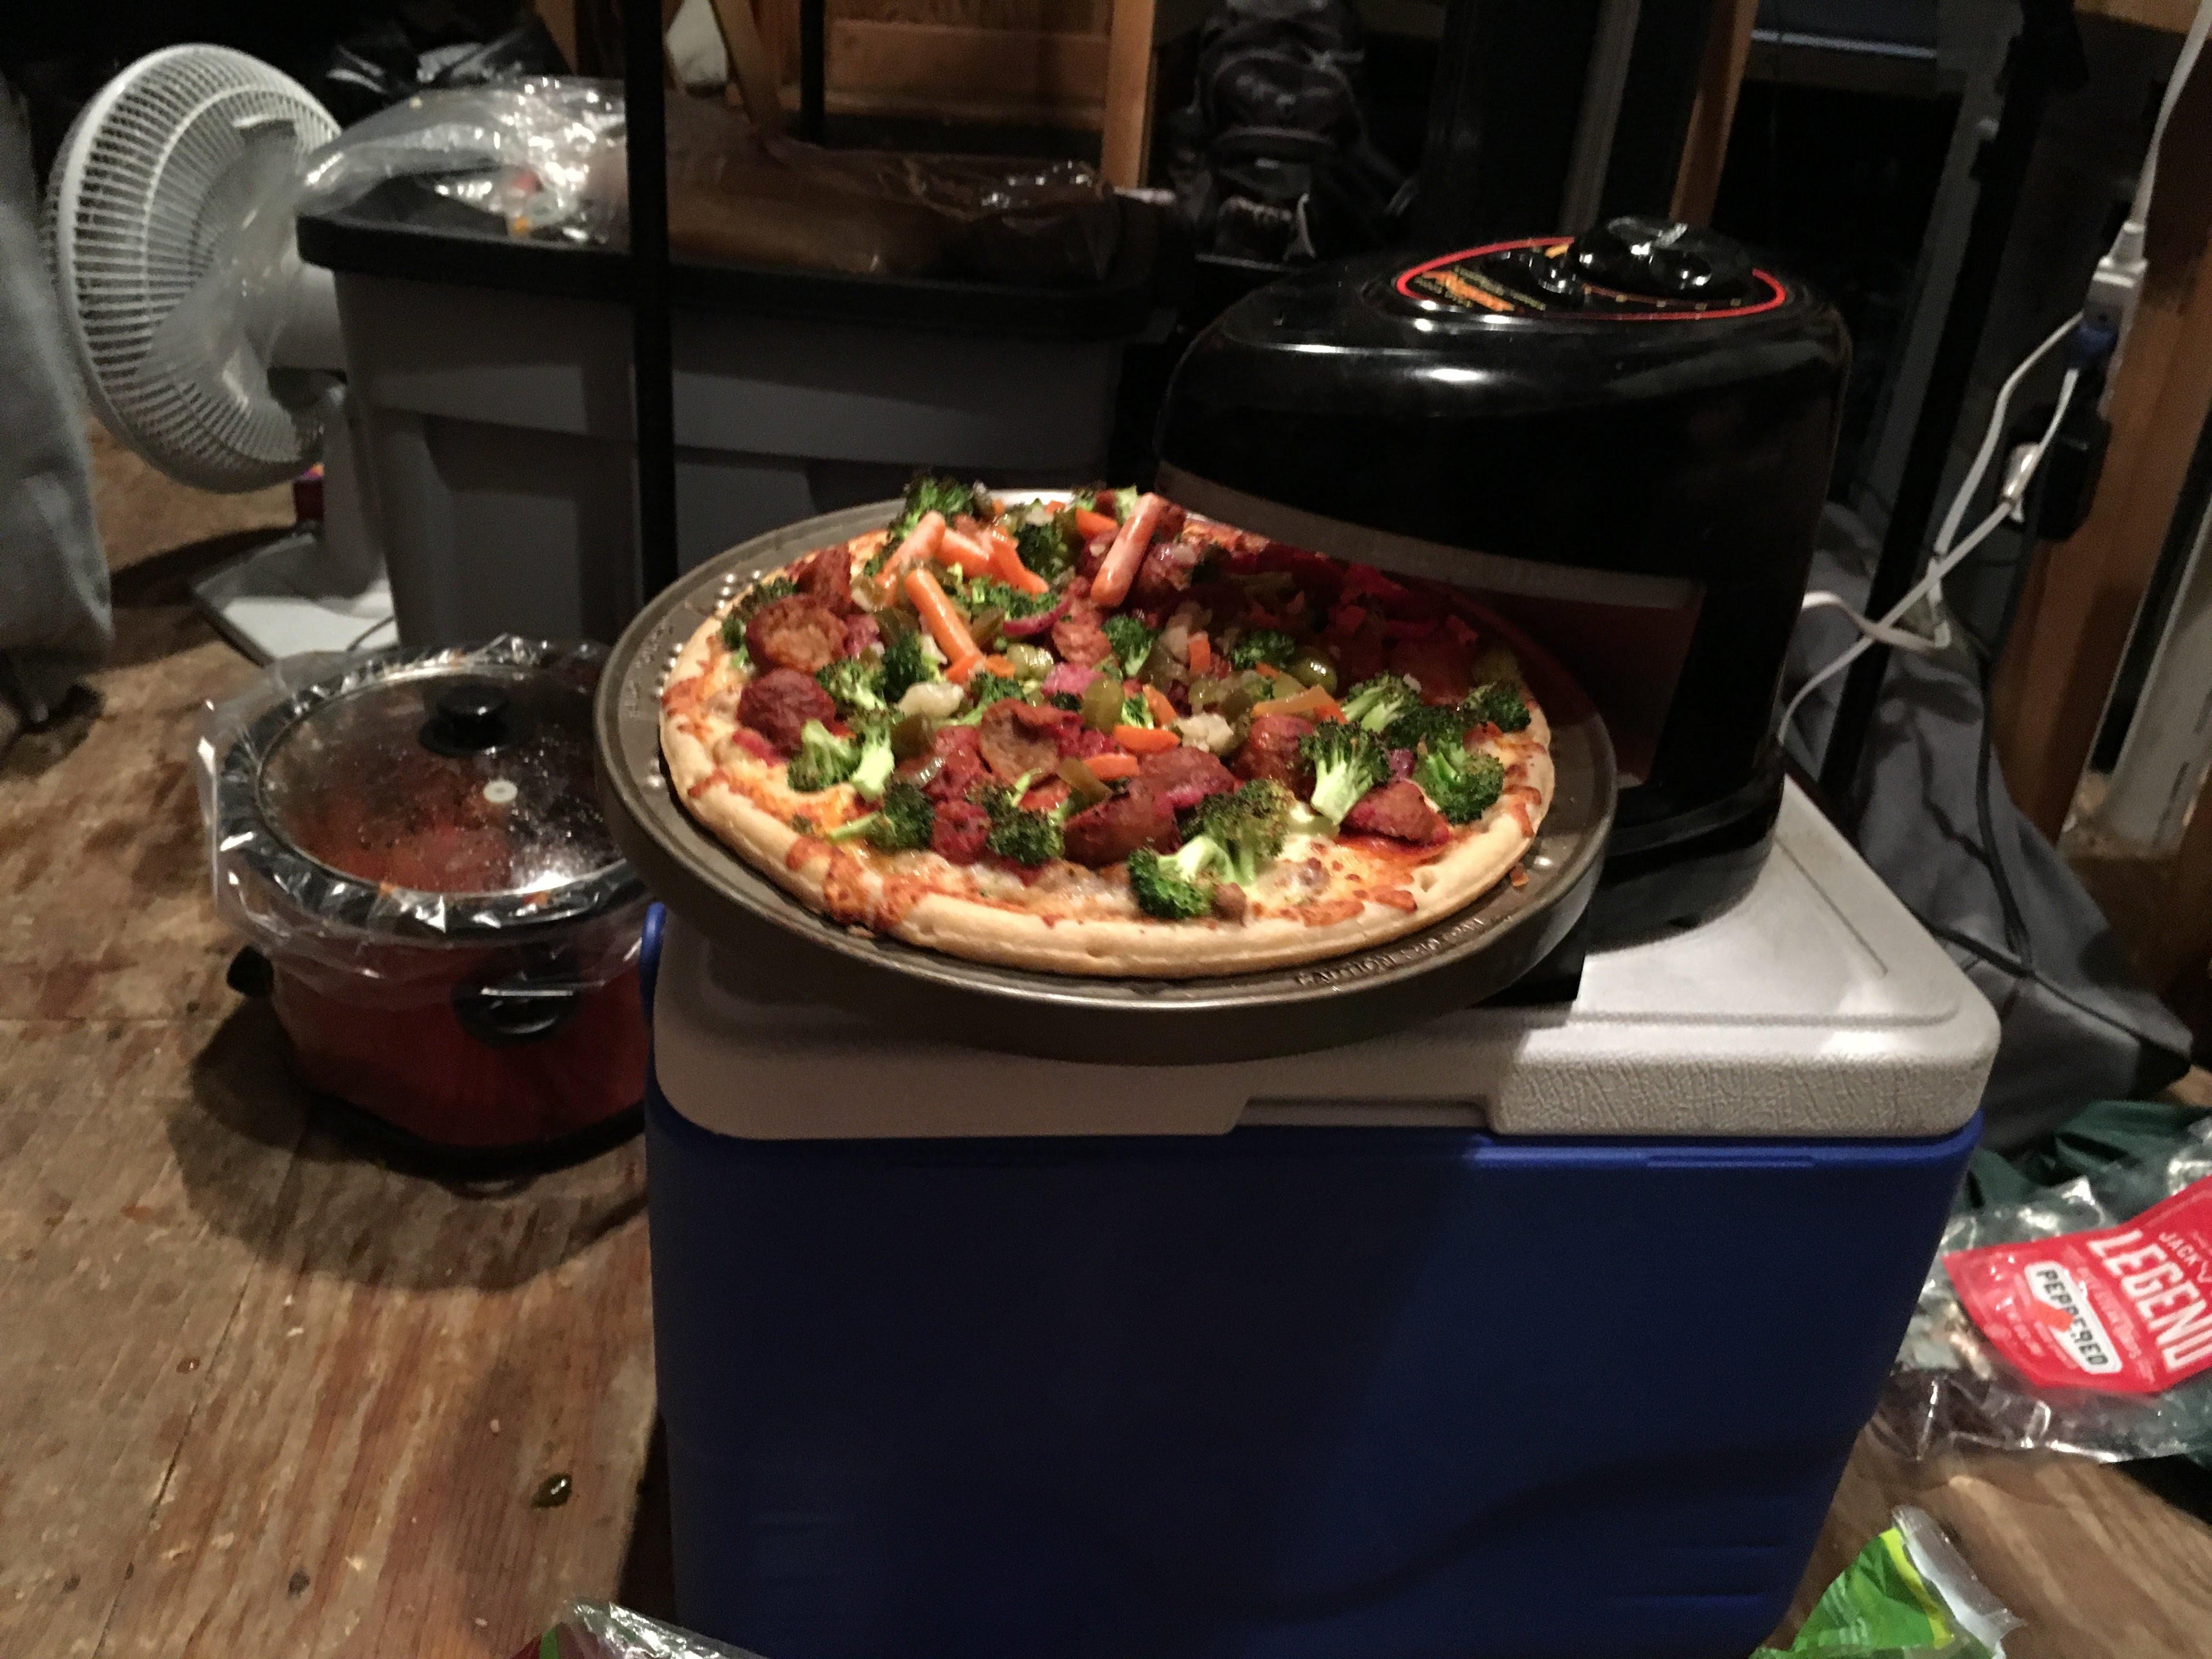 A little pizzazz